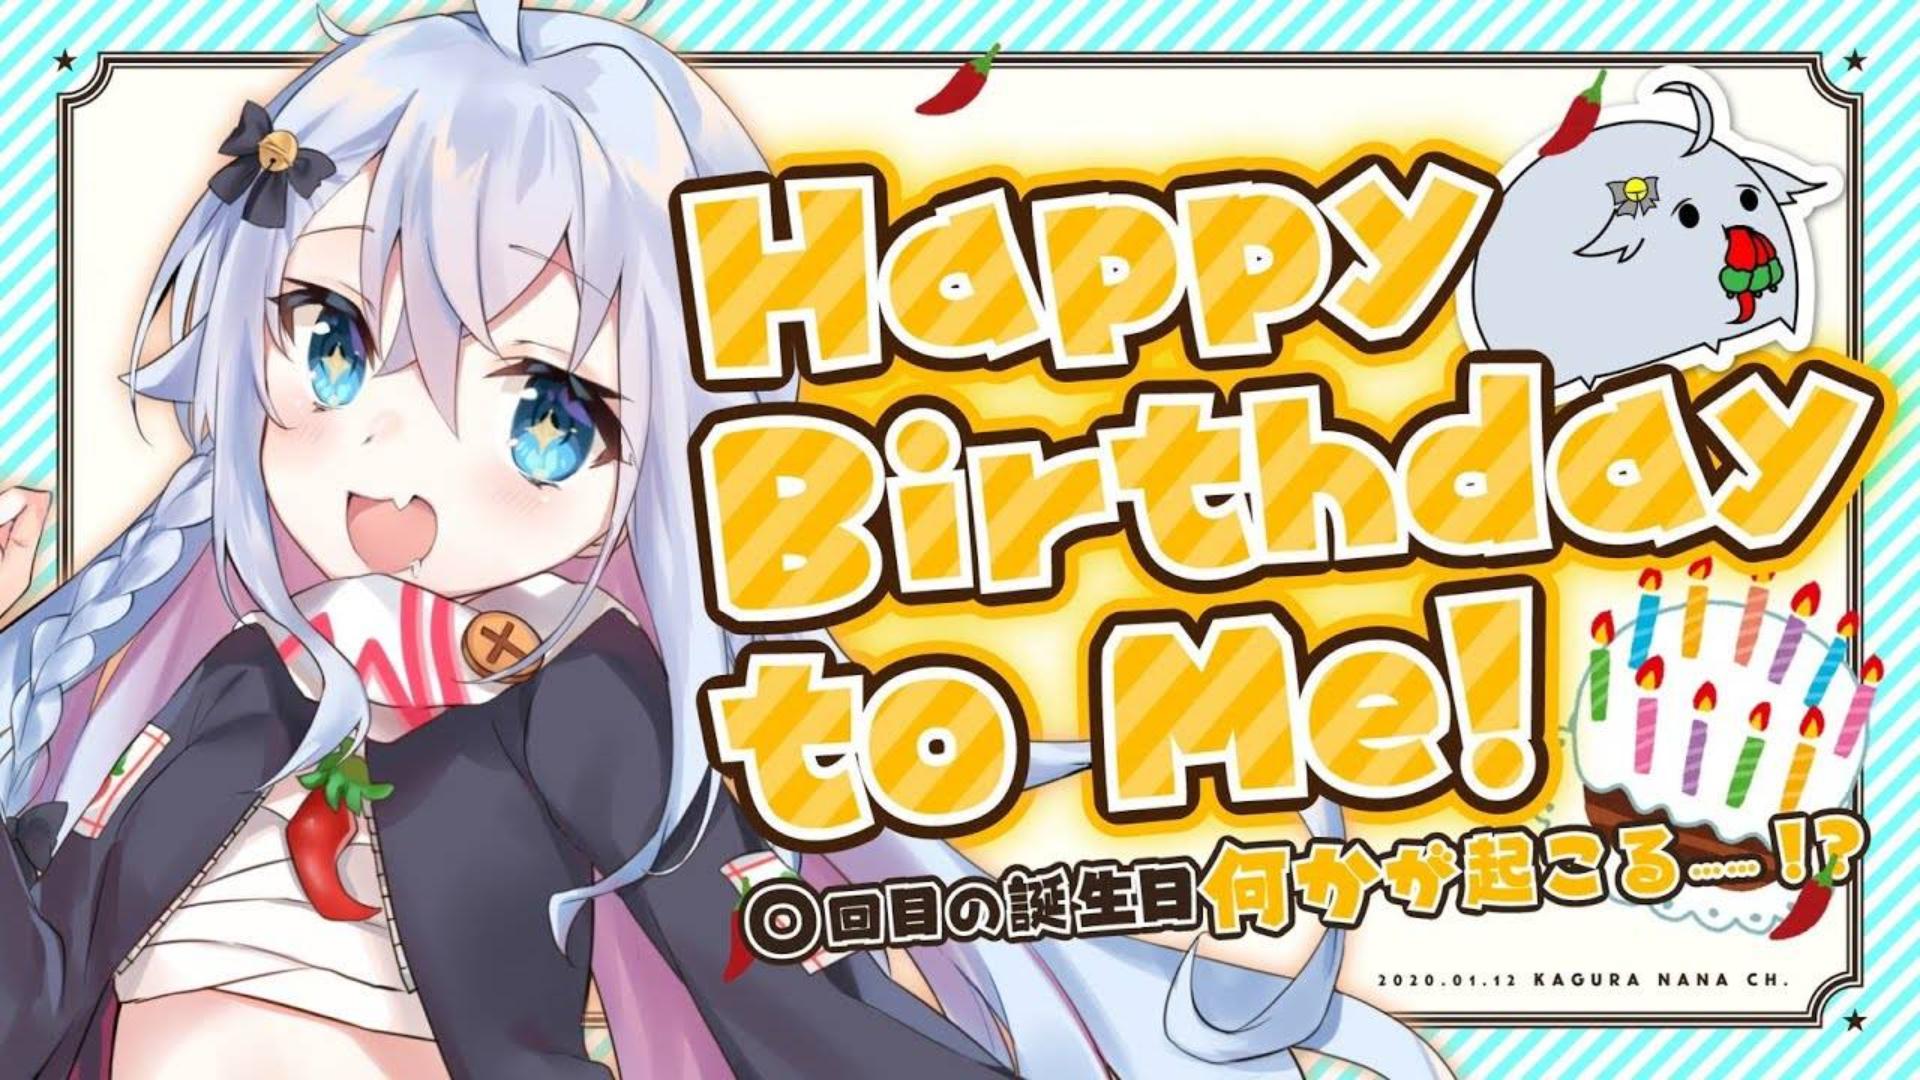 【神乐七奈】第〇回的生日的奇迹